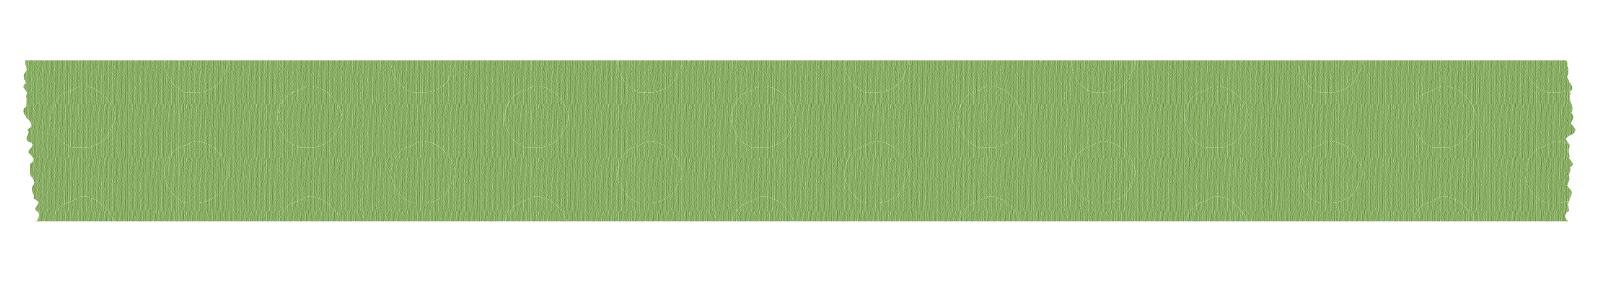 長く切った緑色の水玉のマスキングテープ